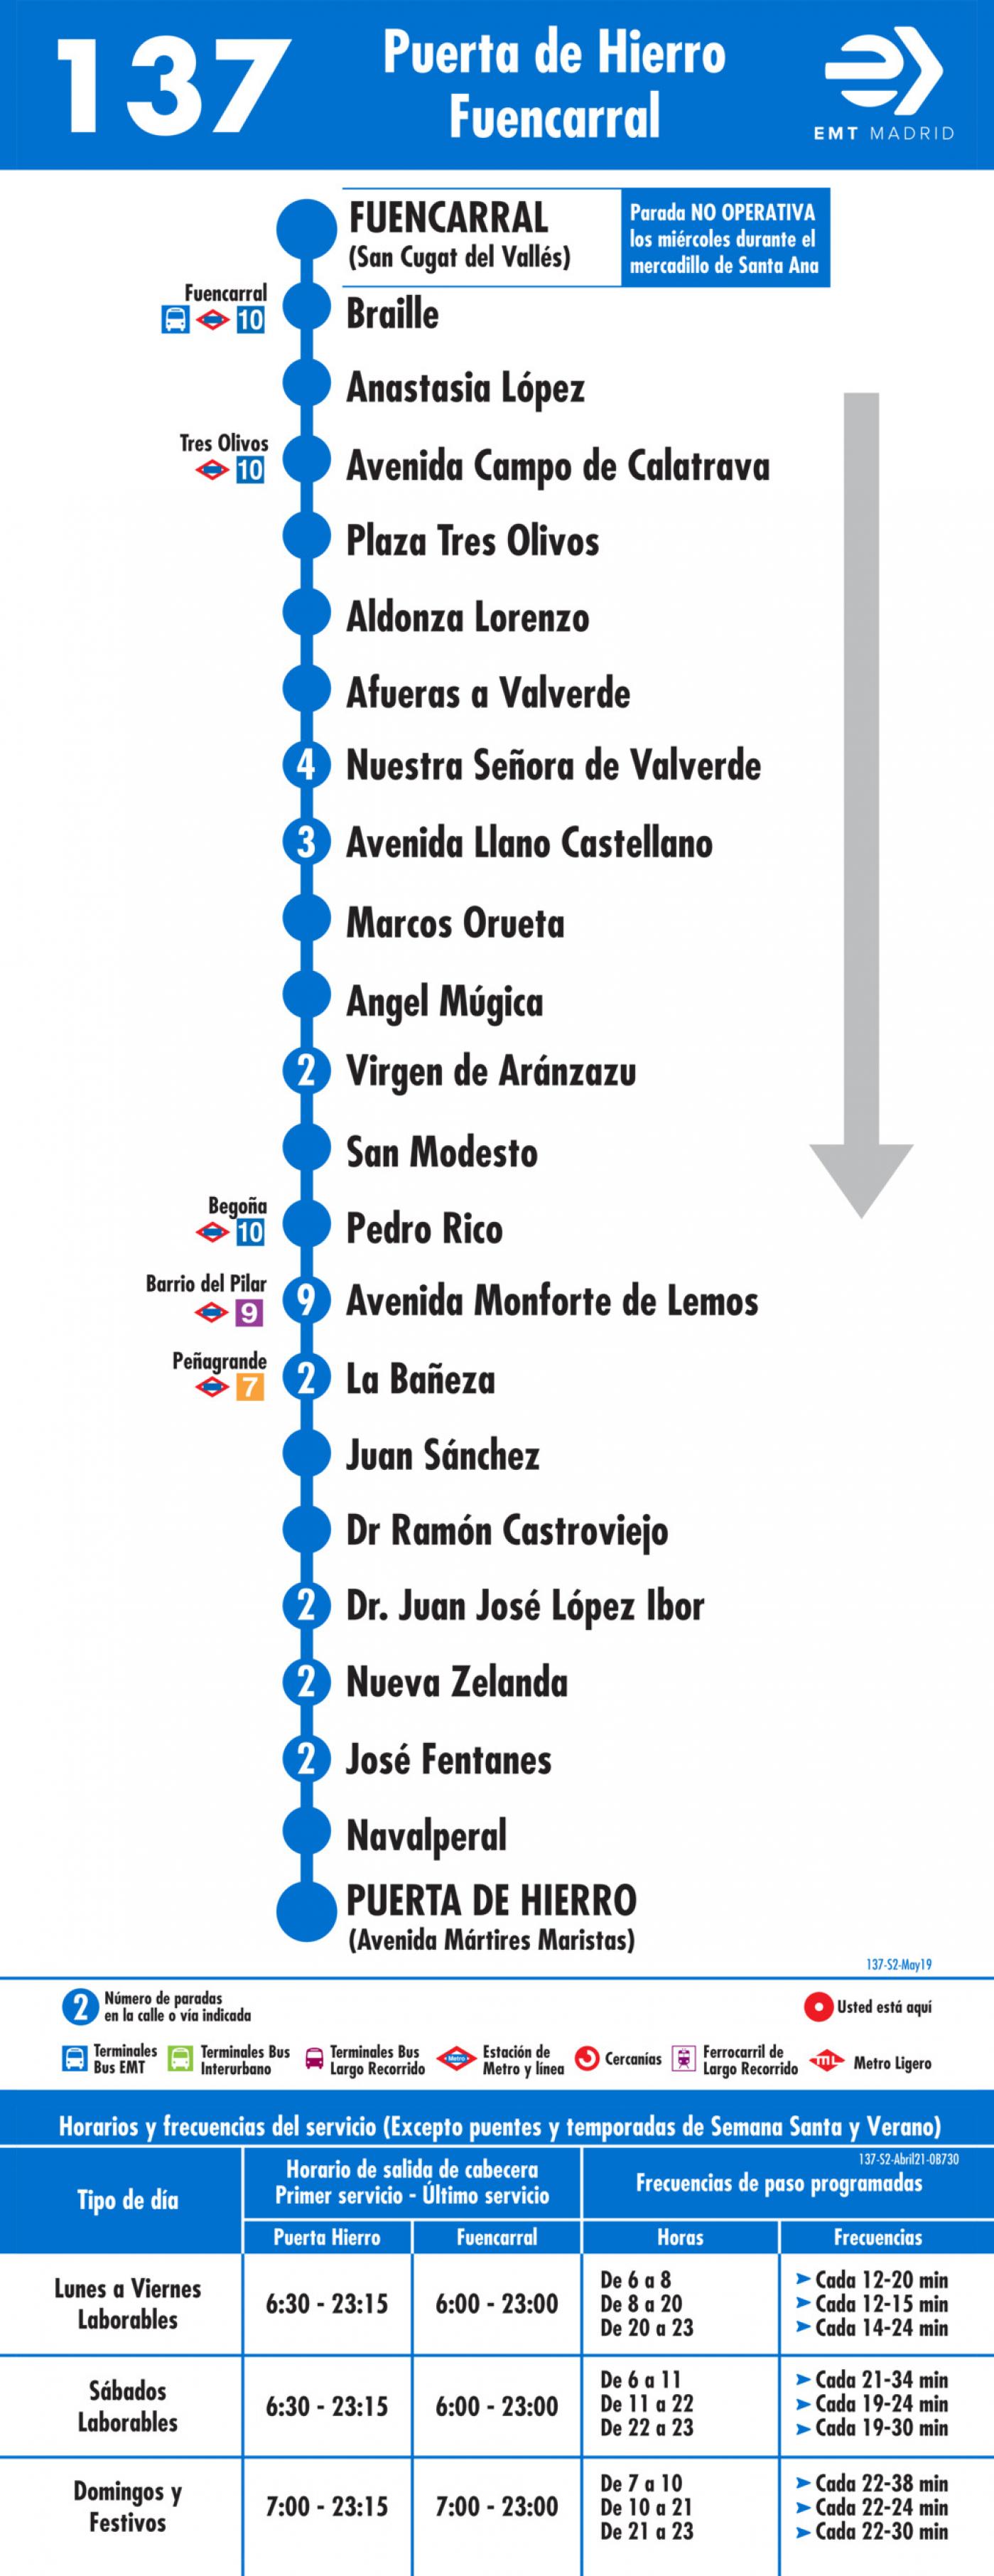 Tabla de horarios y frecuencias de paso en sentido vuelta Línea 137: Ciudad Puerta de Hierro - Fuencarral